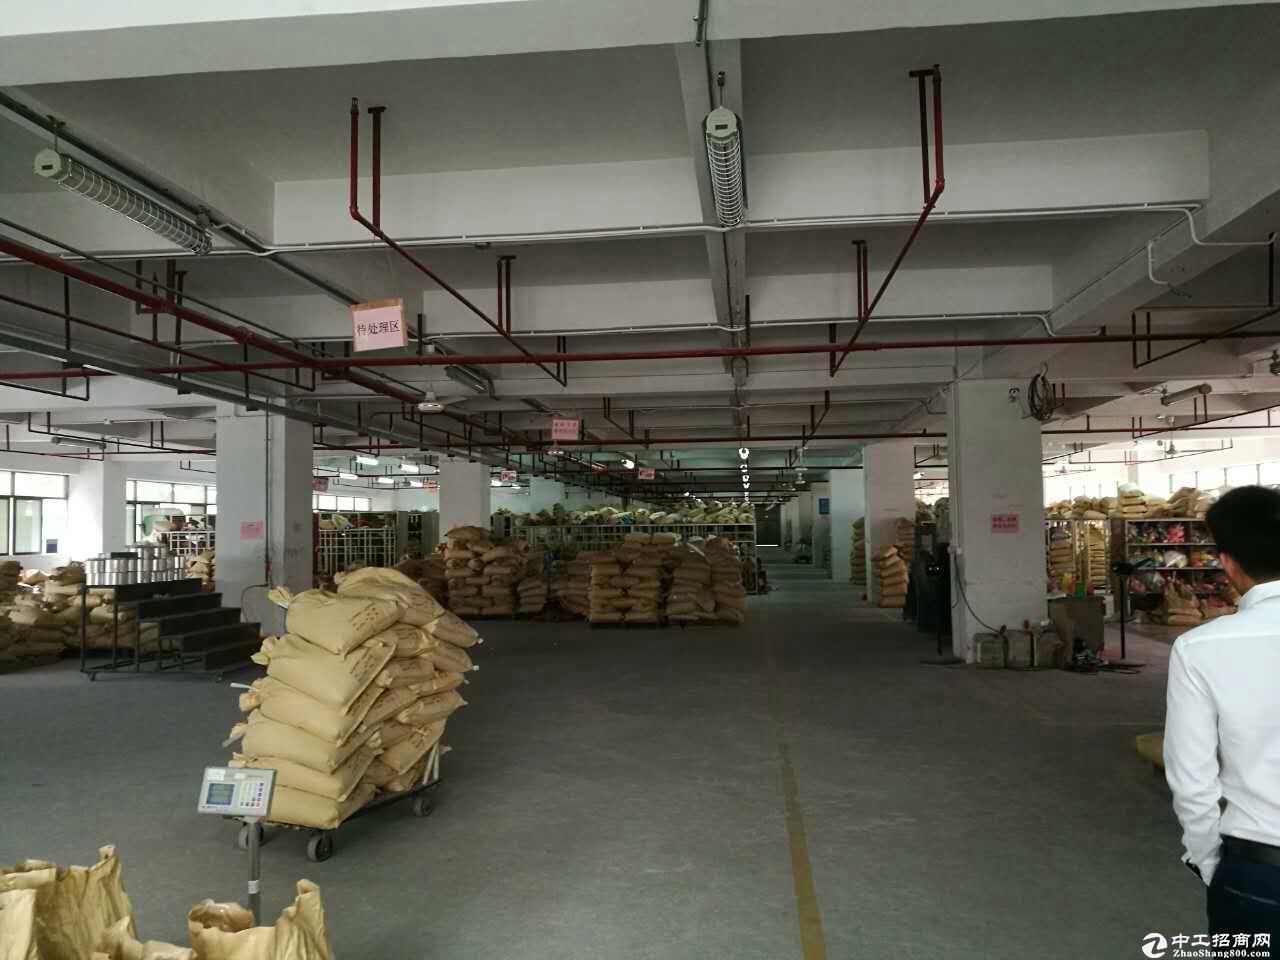 坪地中心村空出两独栋厂房1-3层出租,有红本,易招工